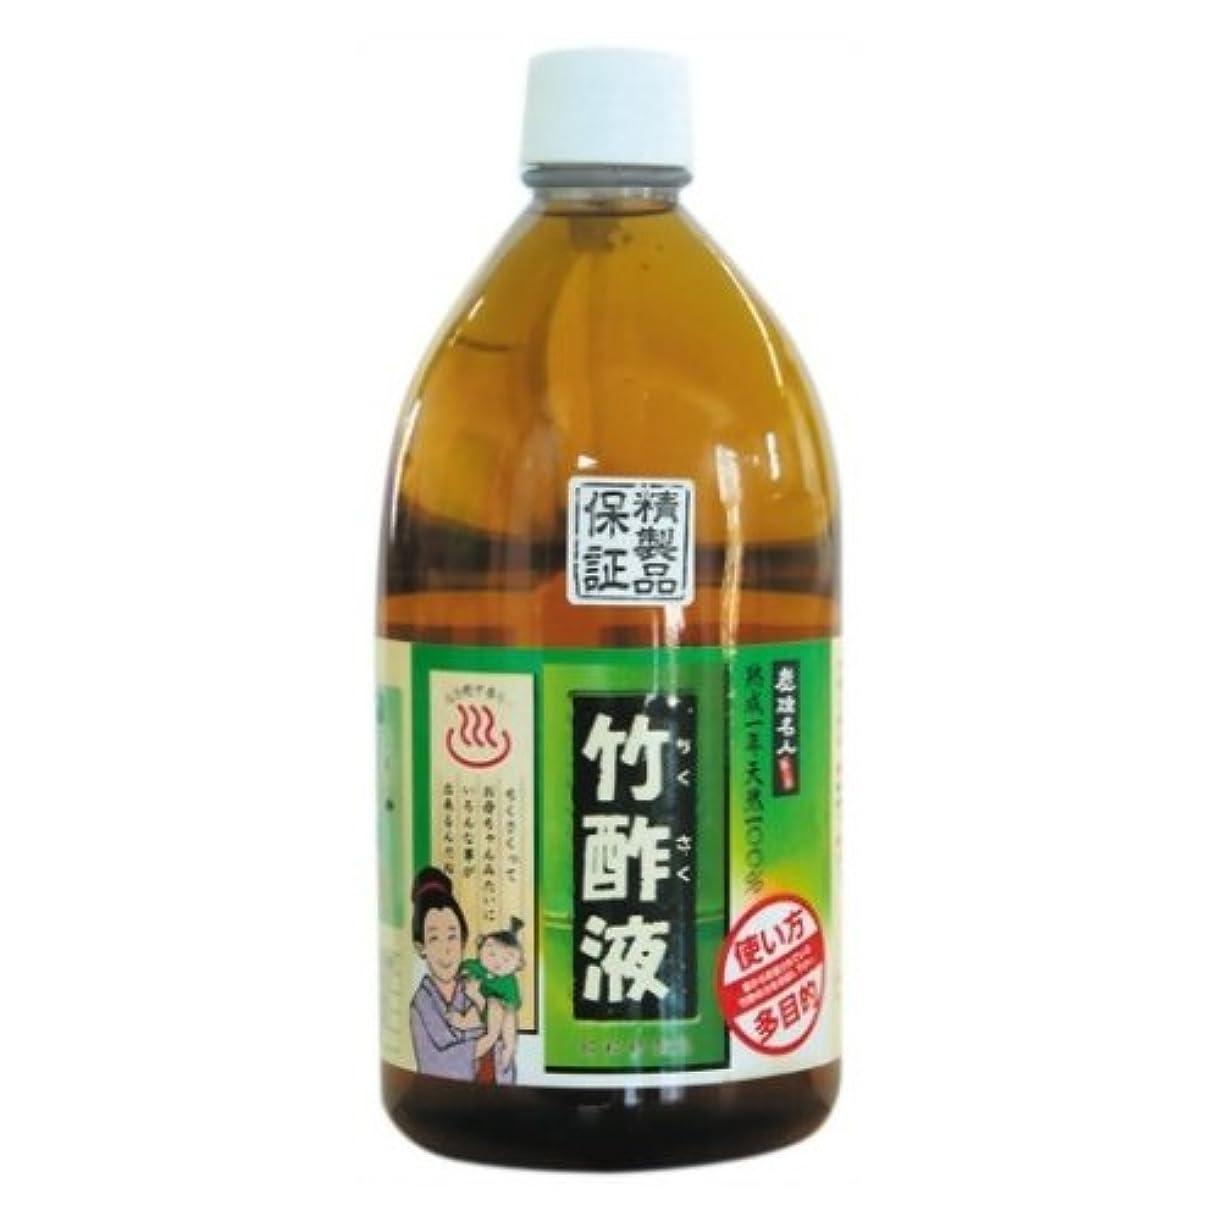 蓄積する最も神経竹酢液 お風呂用 1L